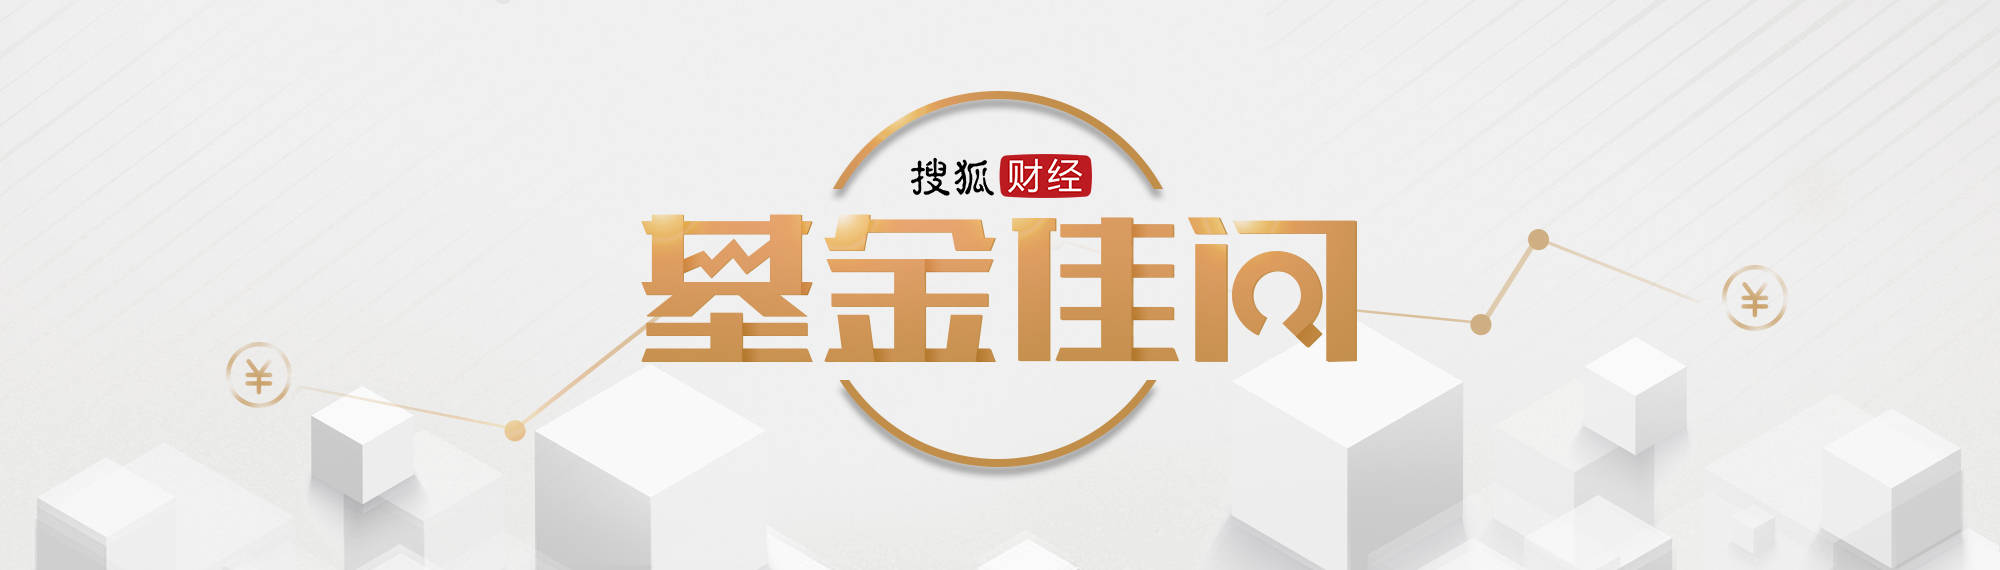 魏亮建新基金:MOM资产配置有望成为投资者的重要投资渠道|基金文佳34号